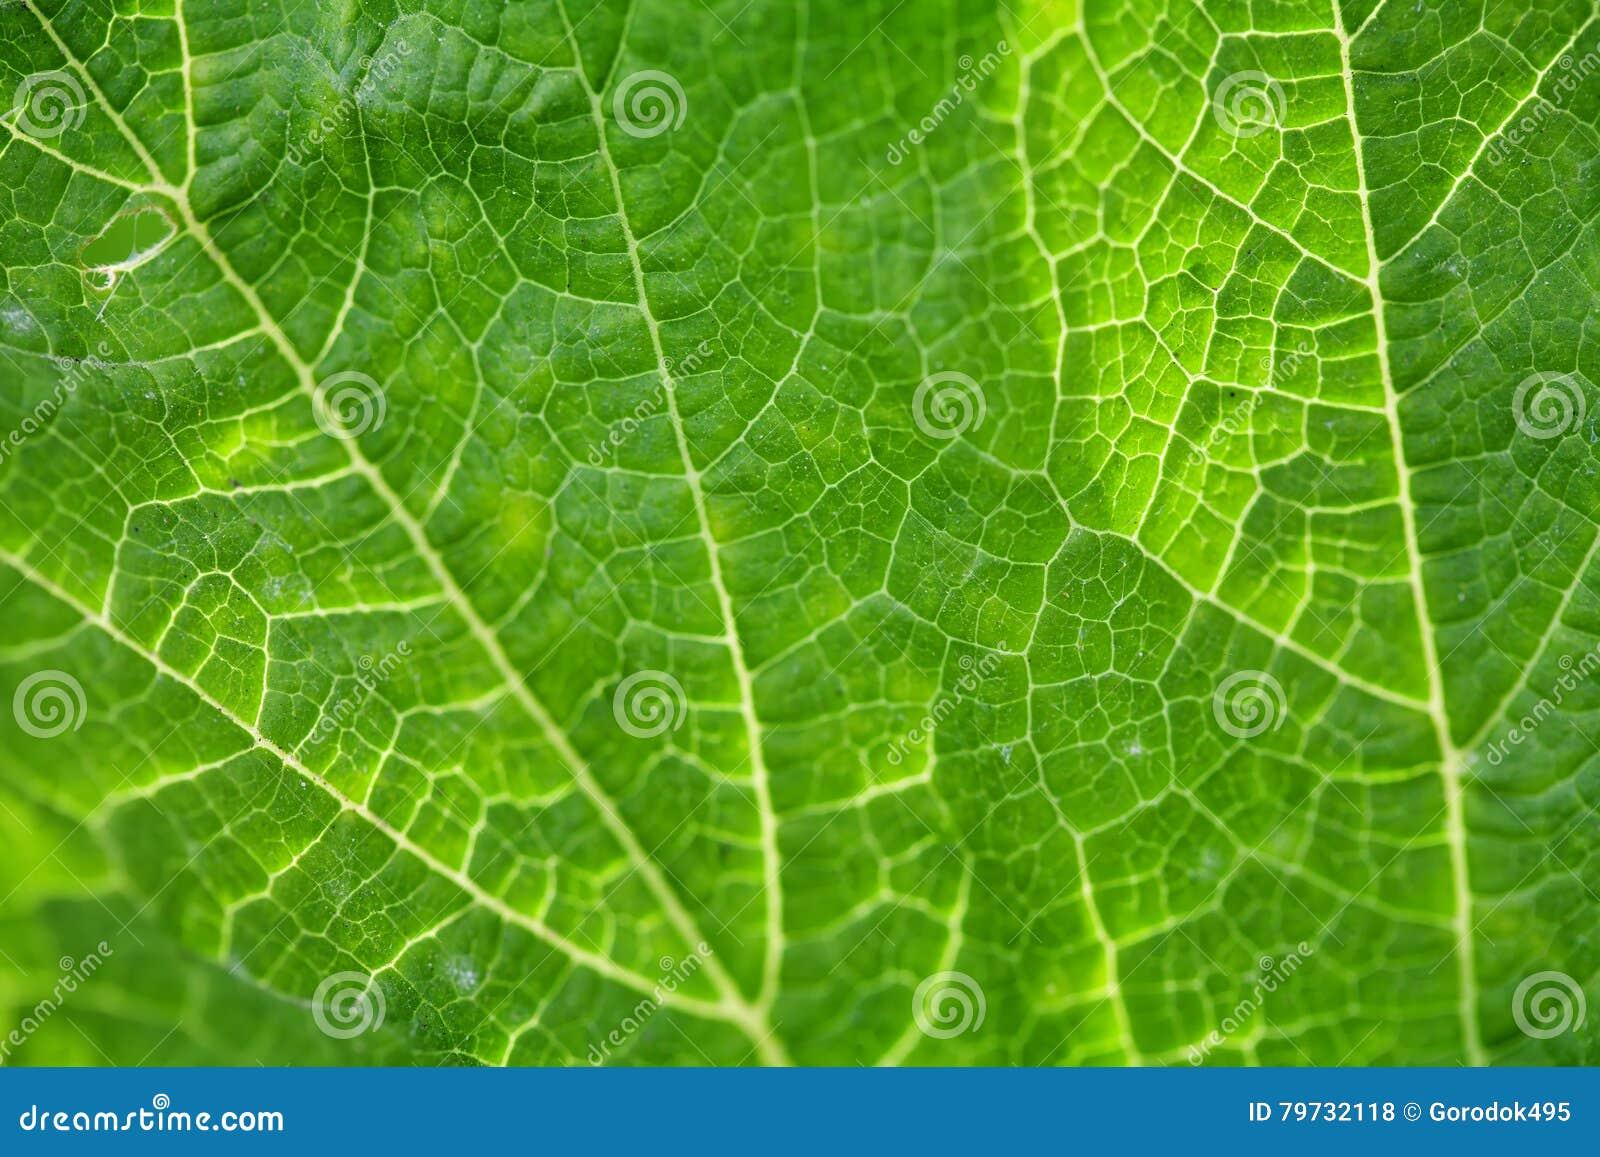 Textura verde de la hoja Visión macra Foco suave